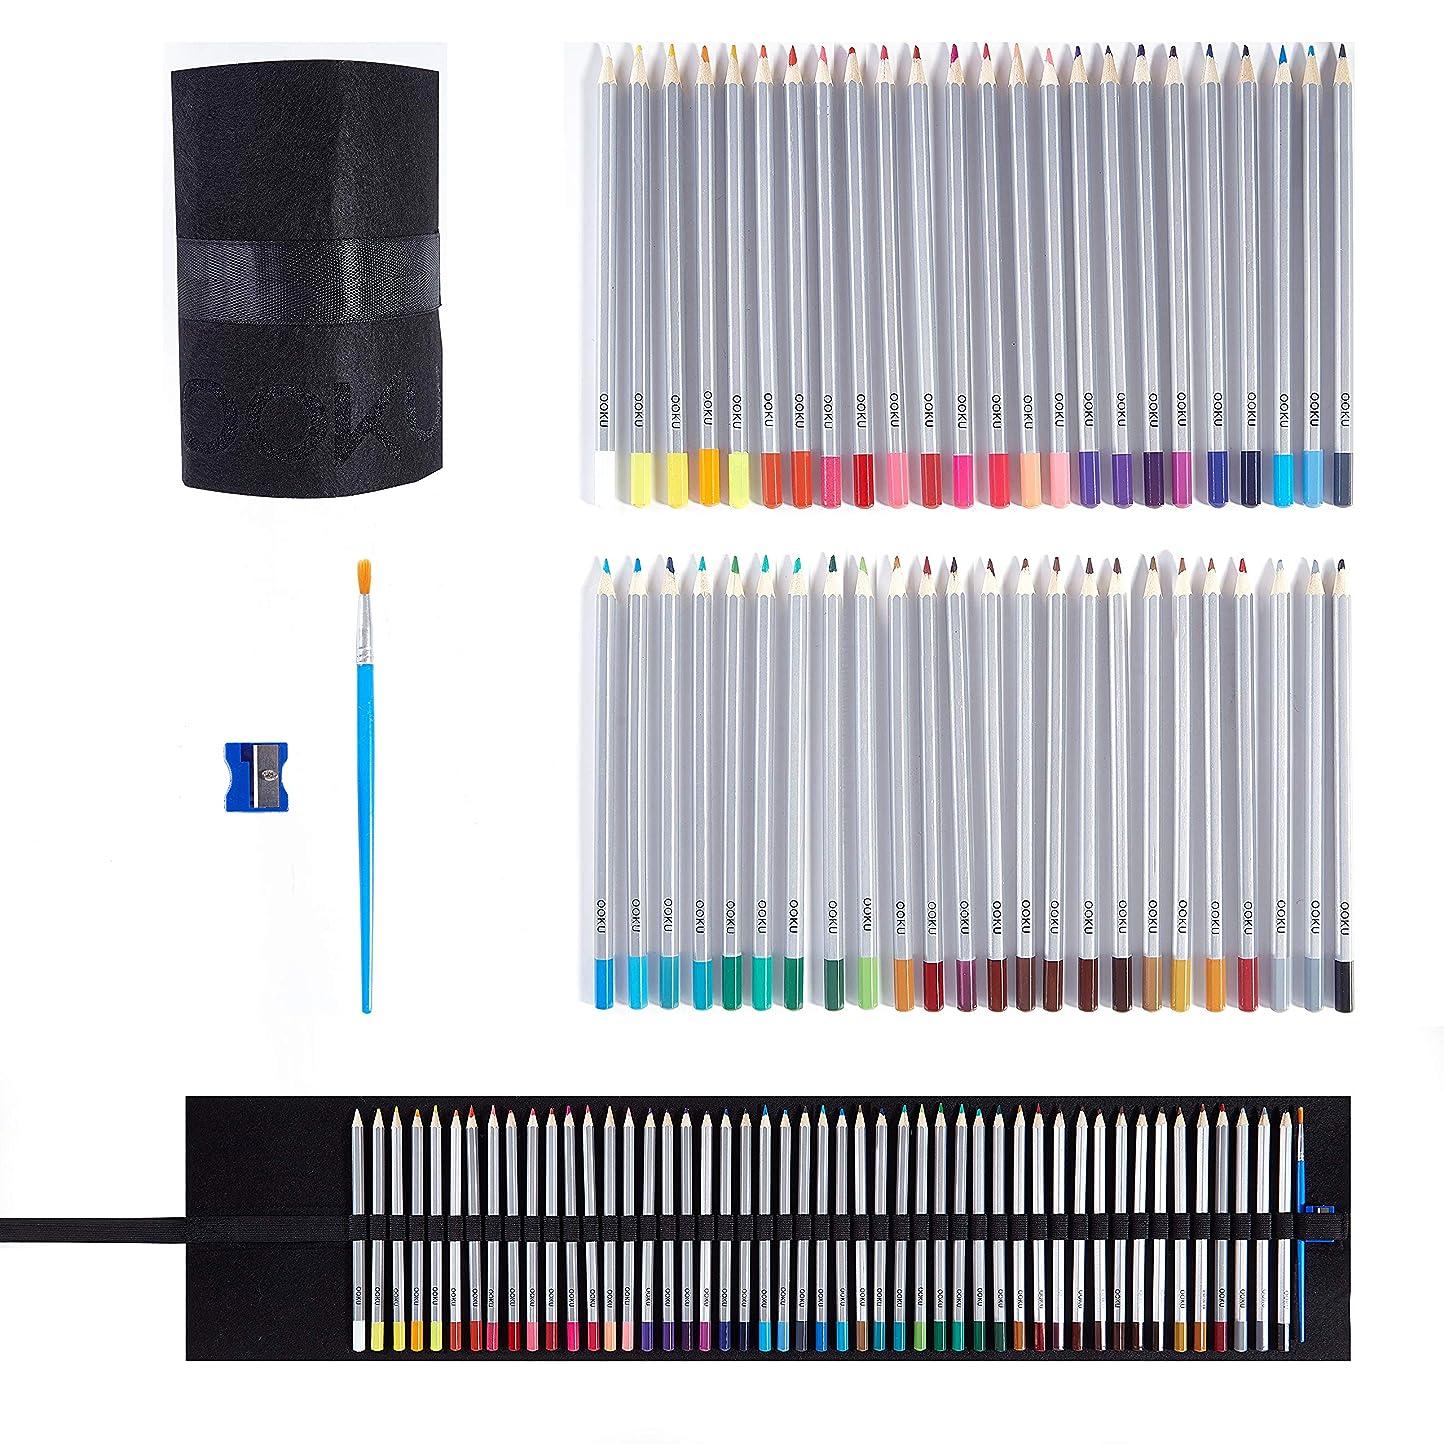 二度私達にもかかわらずOOKU水彩色鉛筆48色セット 色鉛筆 塗り絵/絵描き/初心者向け色鉛筆 カラーぺん 水溶性彩色鉛筆 塗り絵/絵描きセット ペイントブラシ/収納ケース/鉛筆削り付き